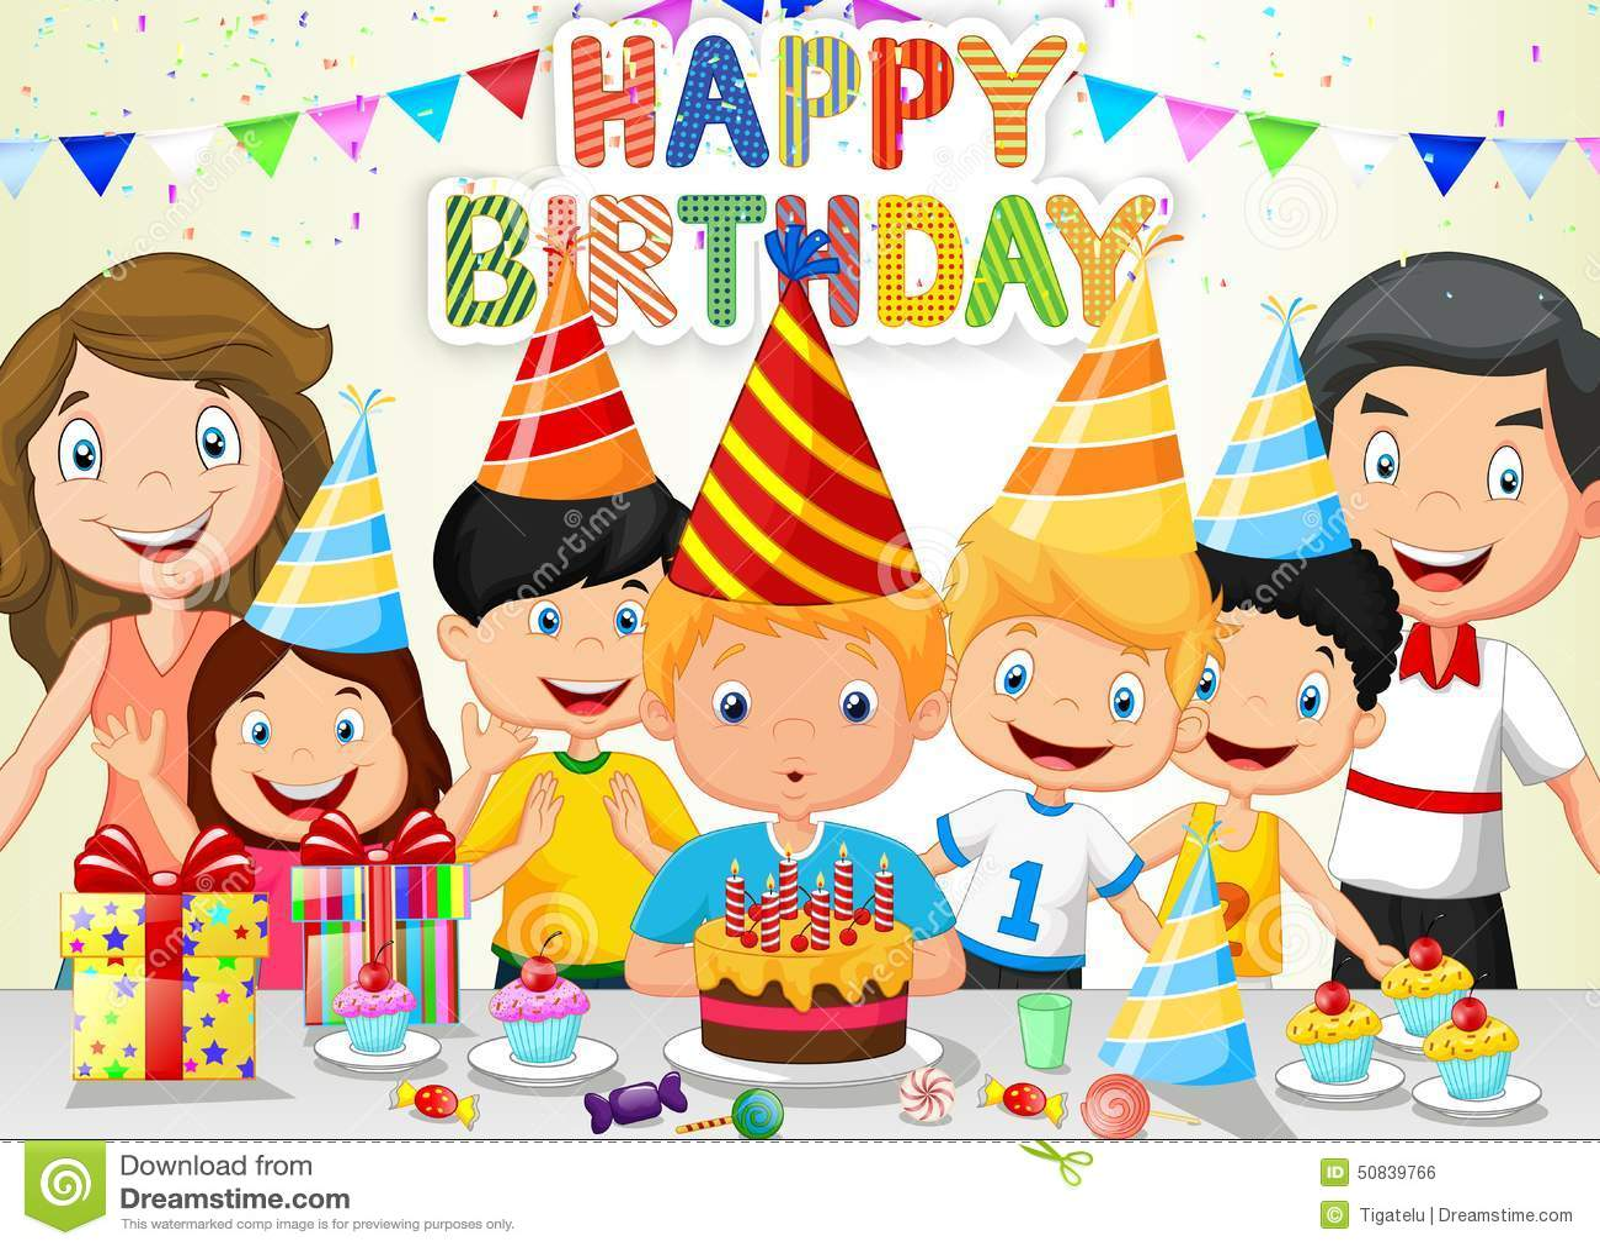 愉快的与他的家庭和朋友的男孩动画片吹的生日蜡烛 向量例证 插画 包括有 五彩纸屑 朋友 男朋友 点心